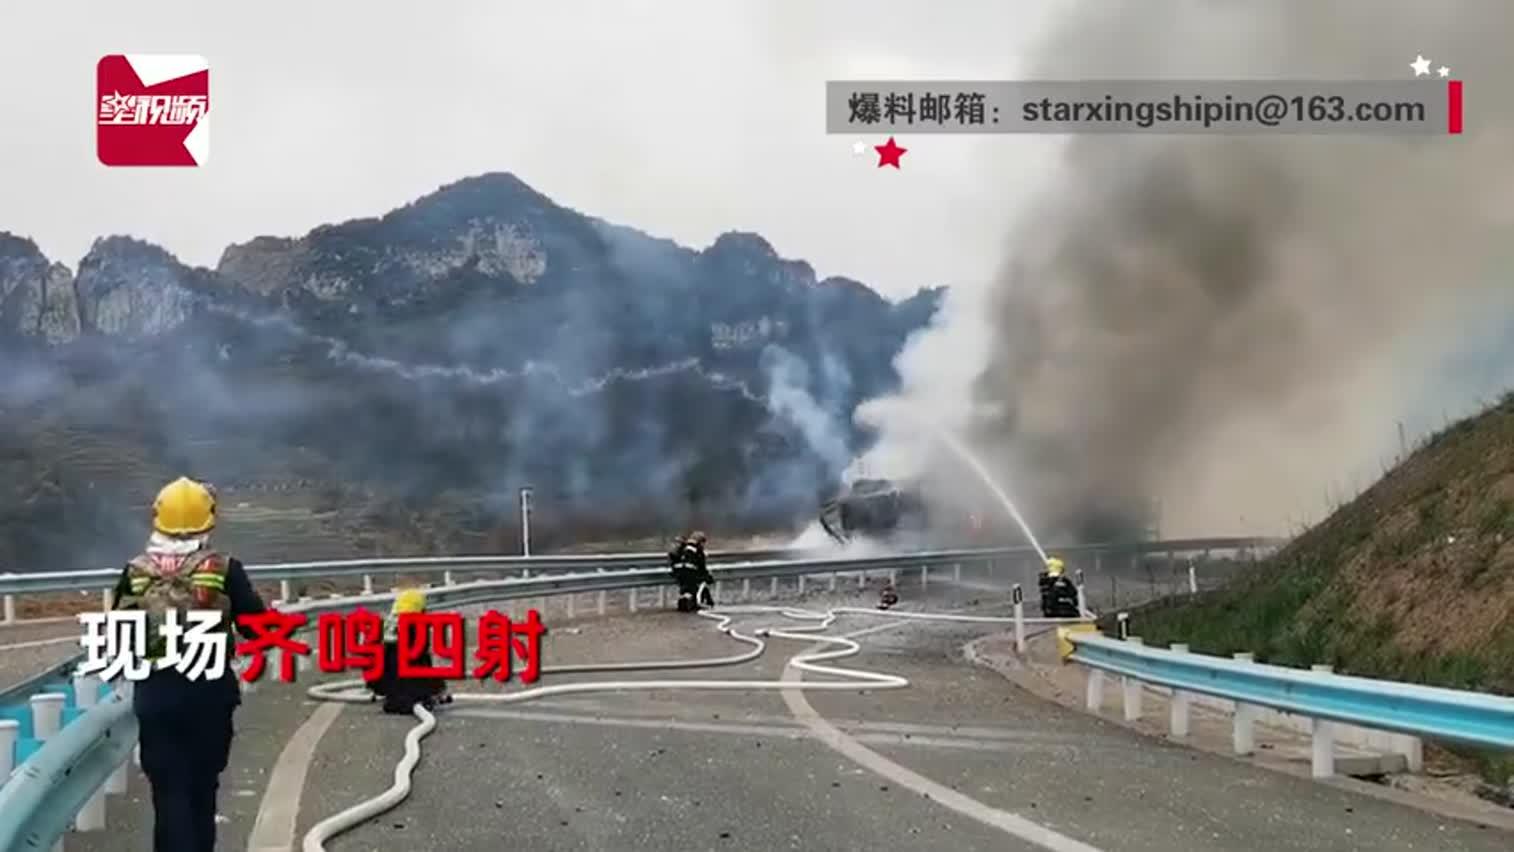 视频-实拍!贵州一烟花运输车侧翻起火,现场26吨